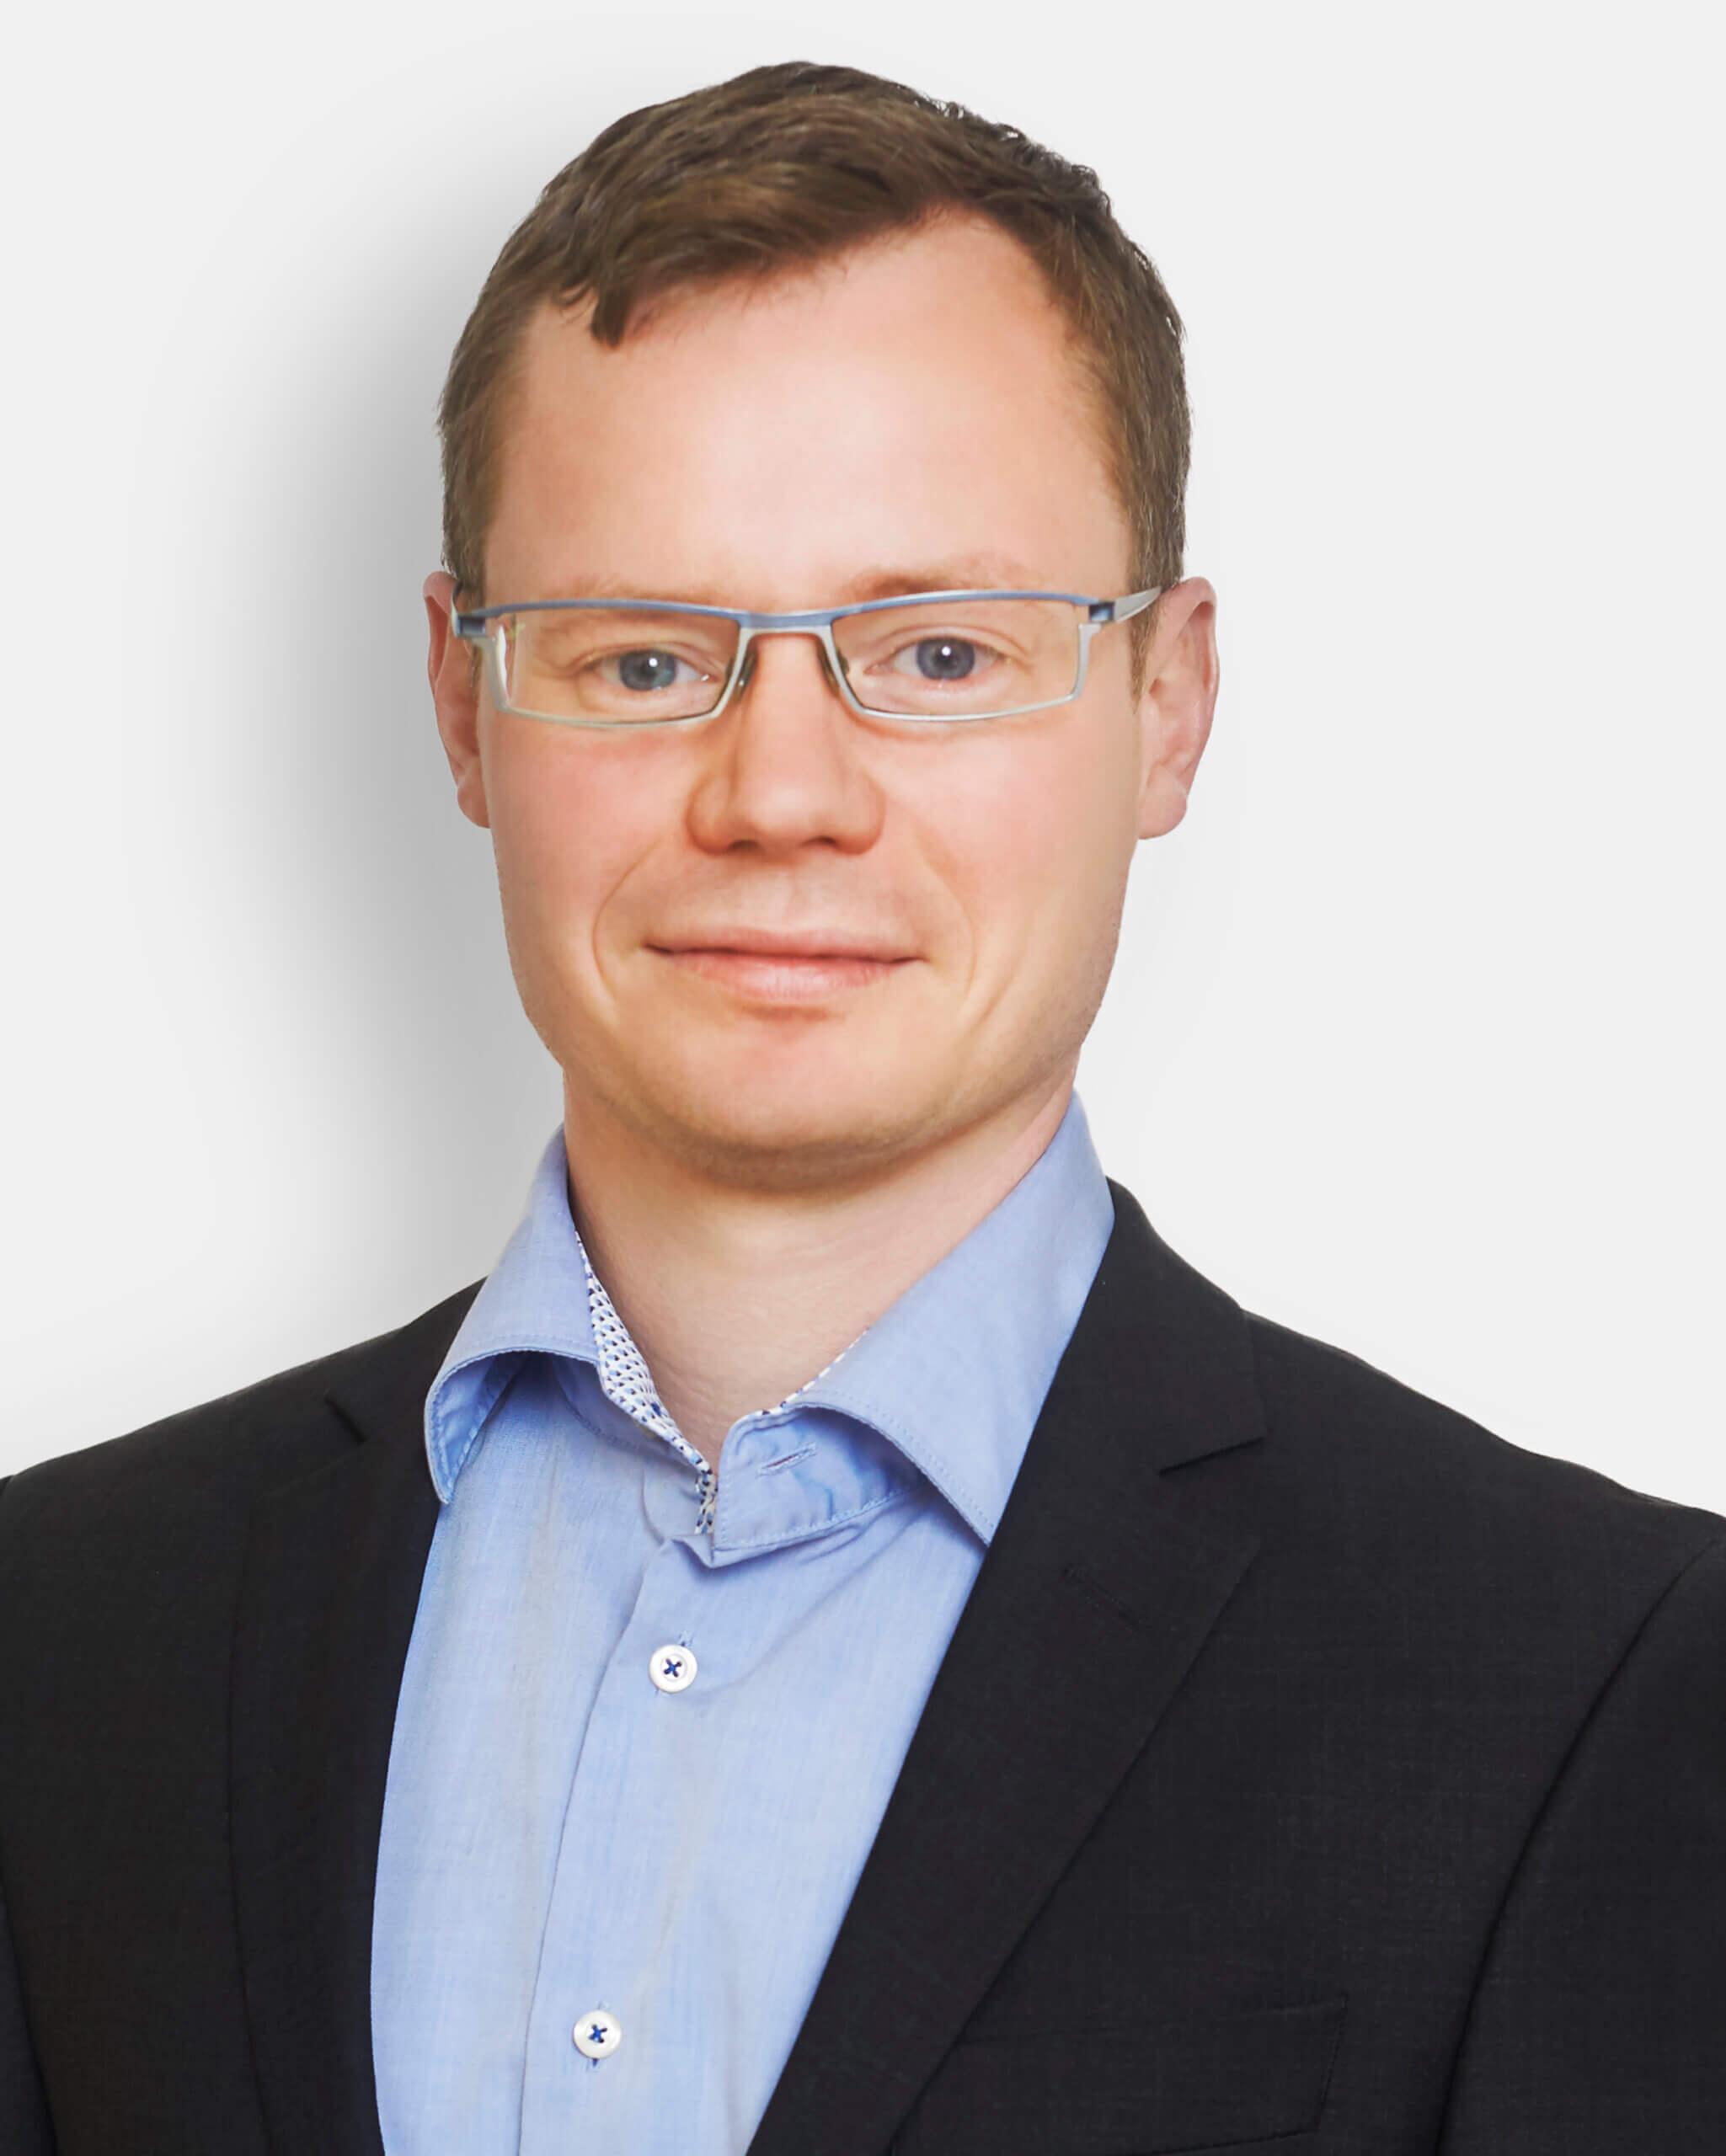 Anders Bencke Skott